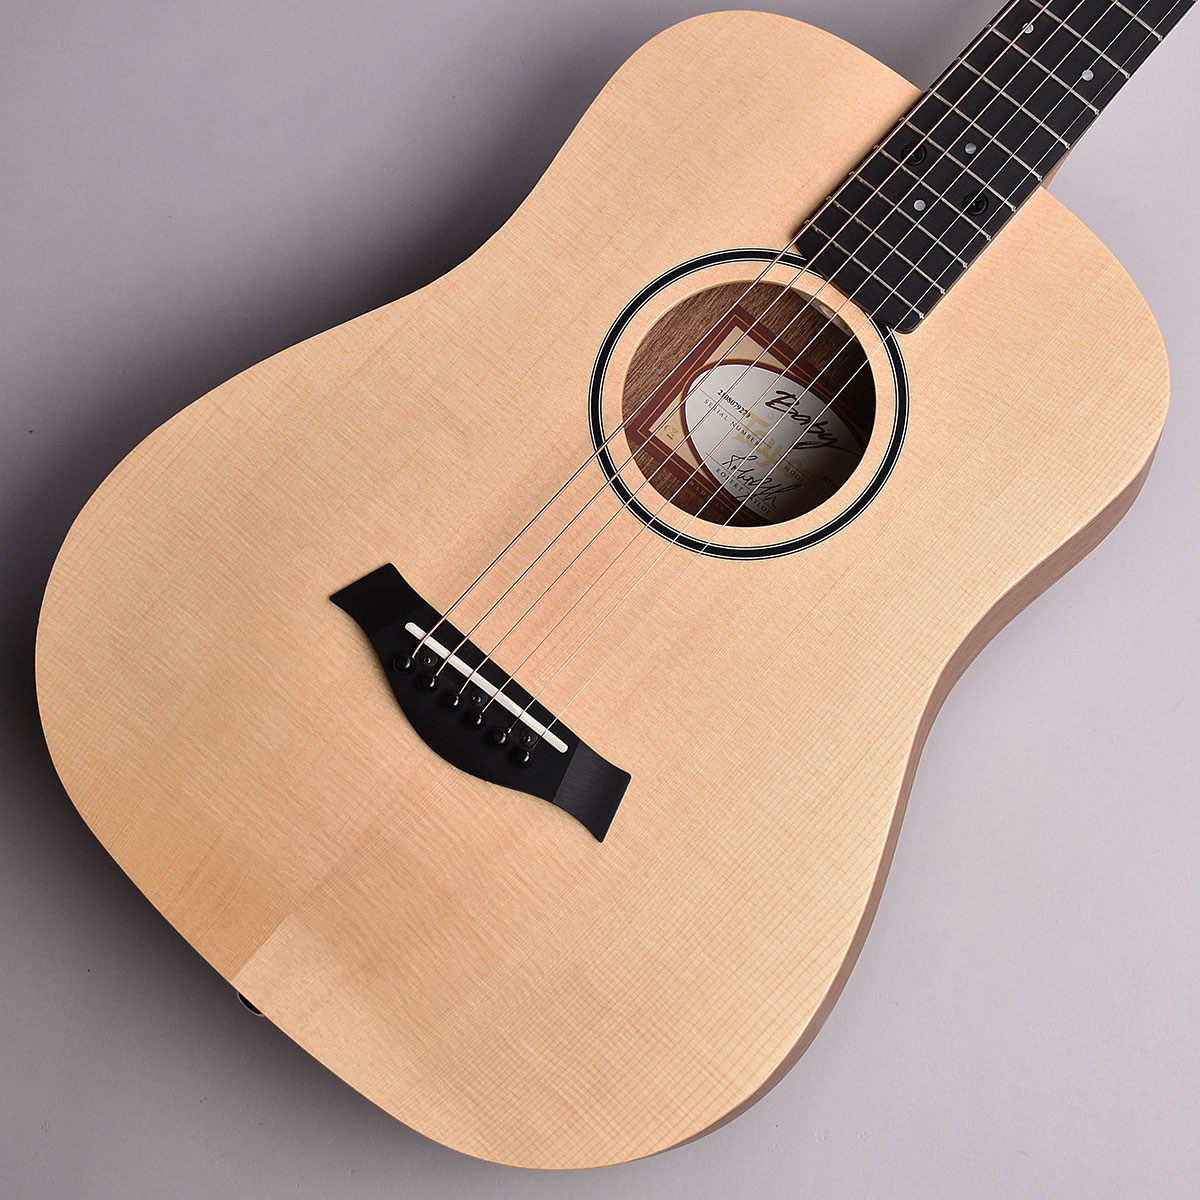 Taylor Baby Taylor-e S/N:2108079270 ミニアコースティックギター【エレアコ】 【テイラー】【未展示品】